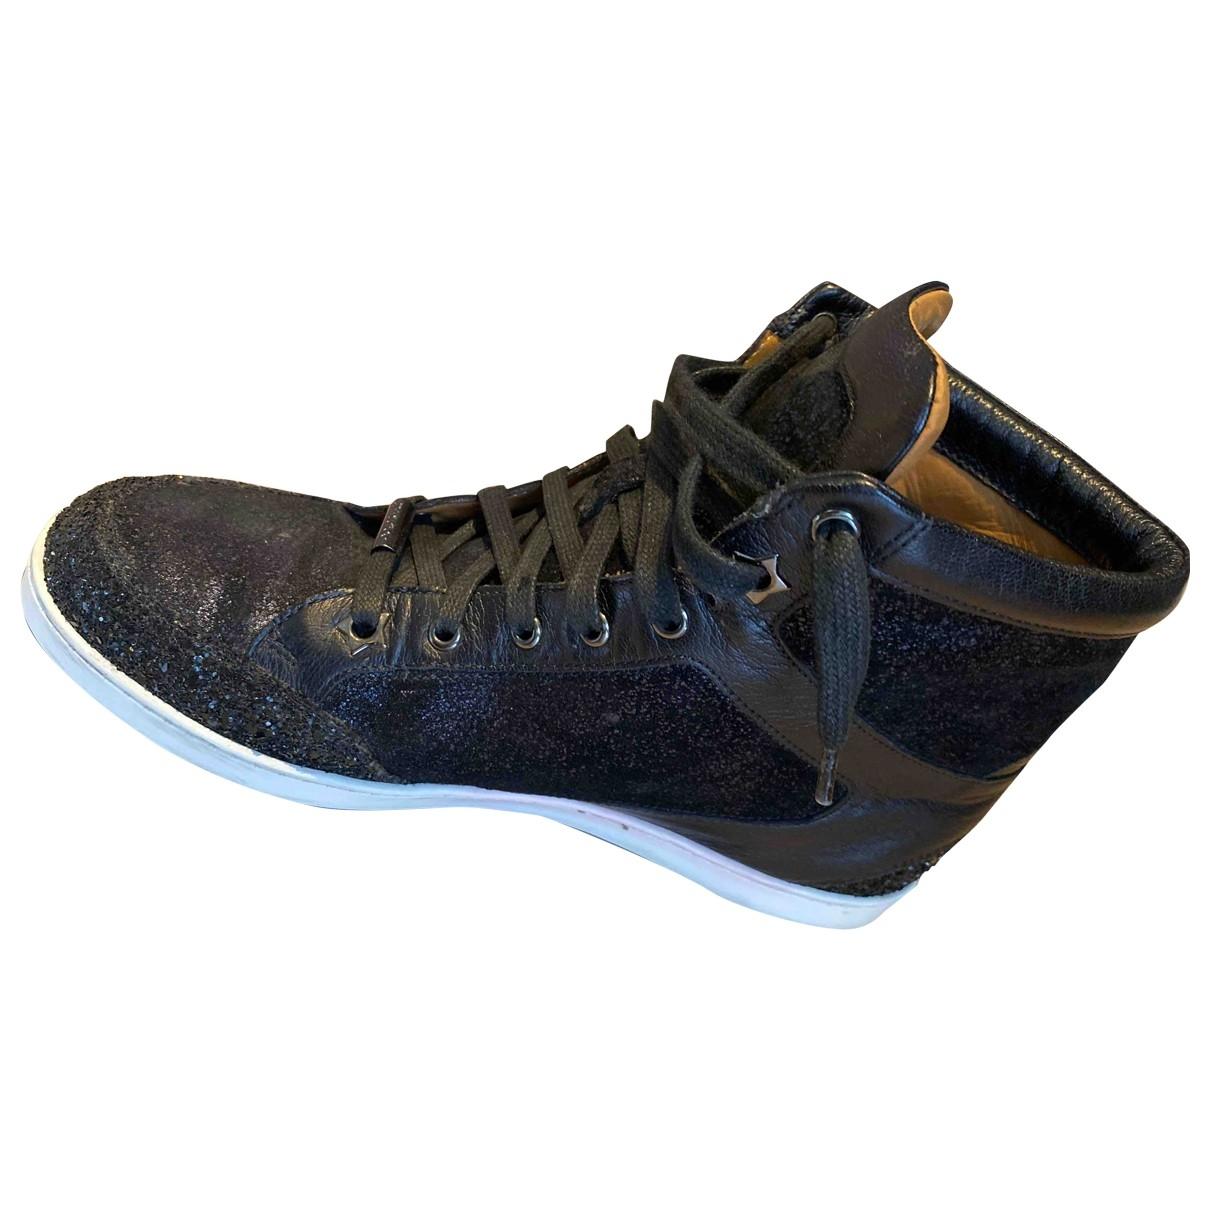 Jimmy Choo - Baskets   pour femme en a paillettes - bleu